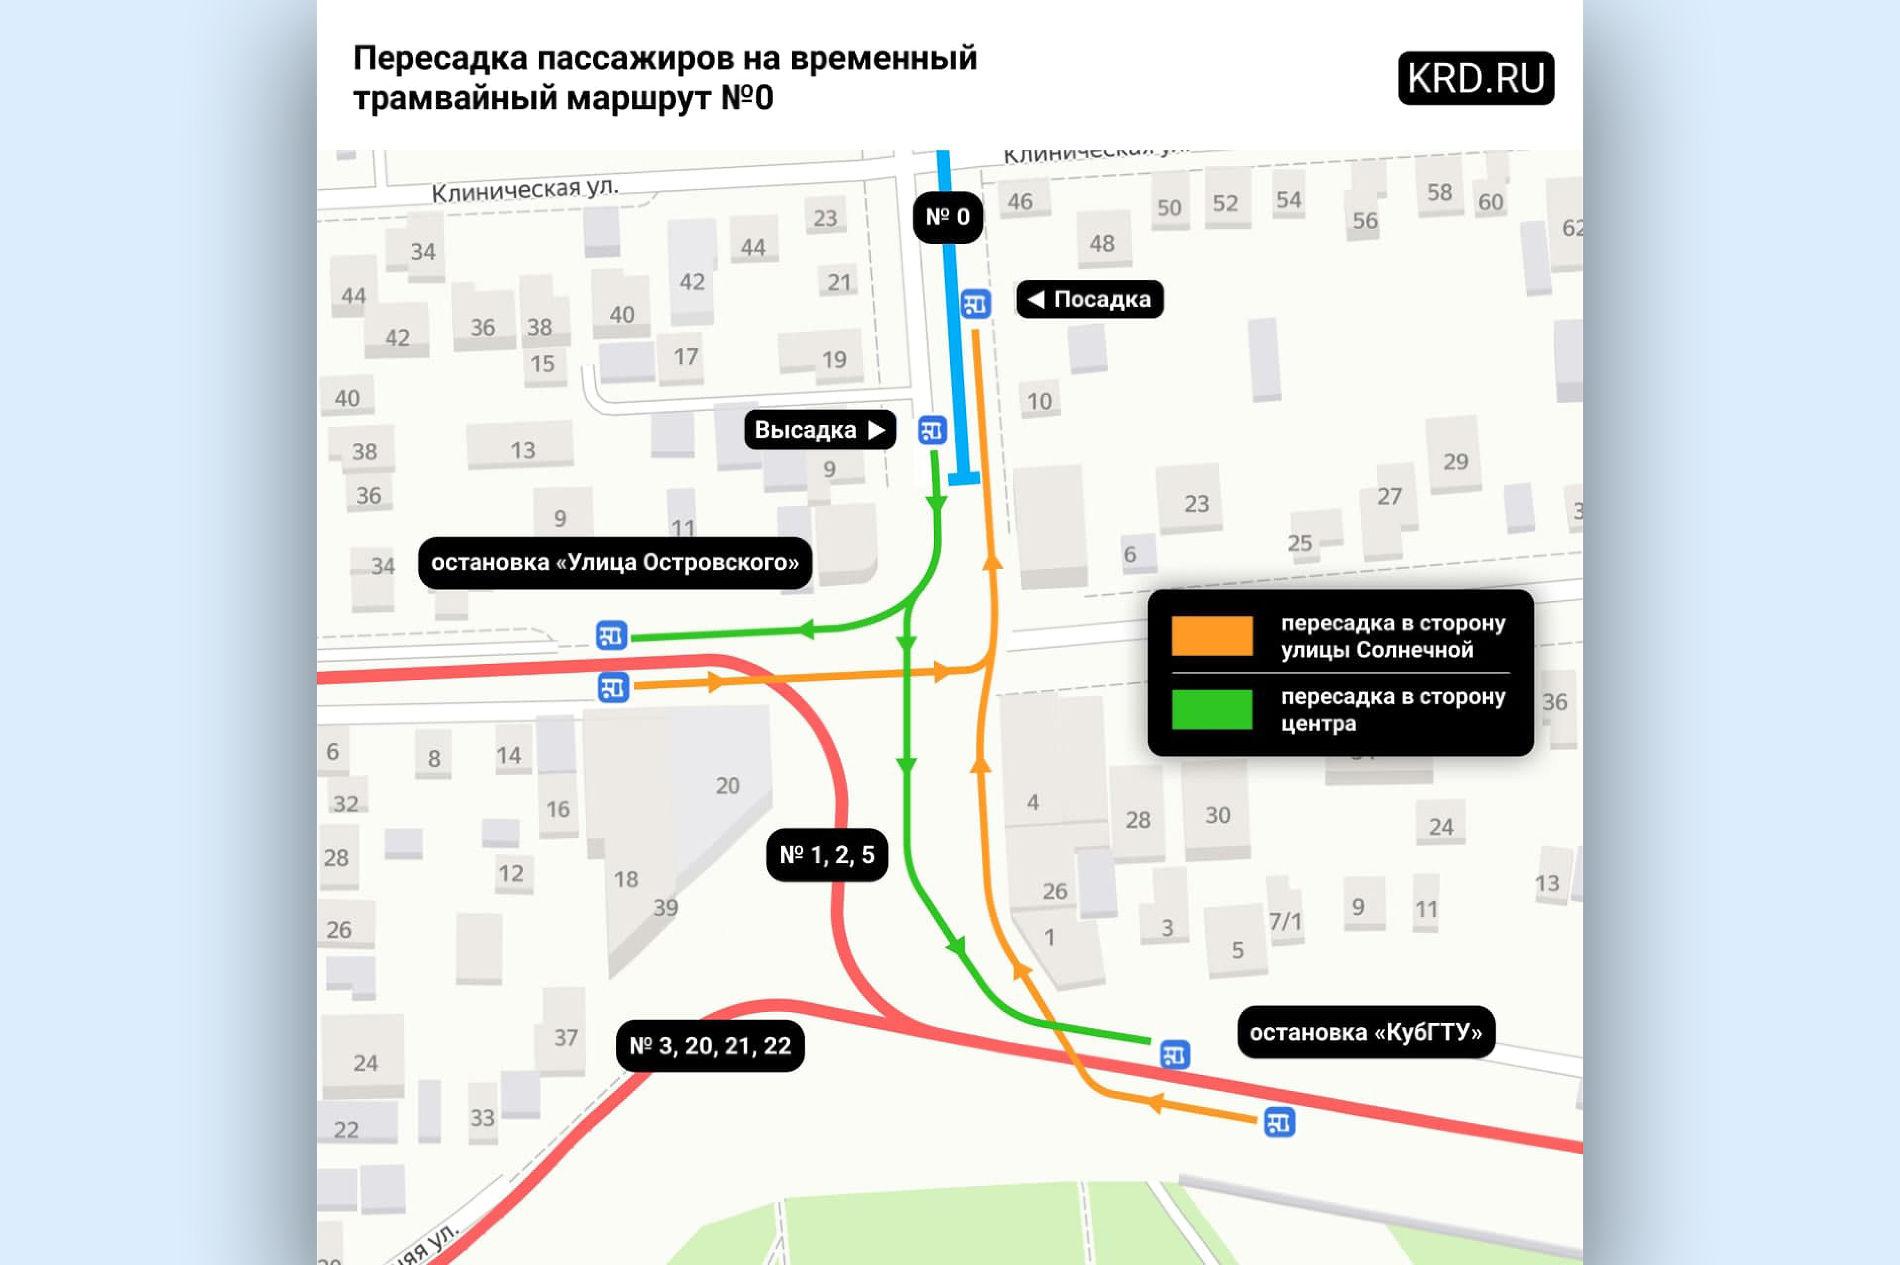 Схема пересадки на временный трамвайный маршрут №0 ©Изображение подготовлено администрацией Краснодара